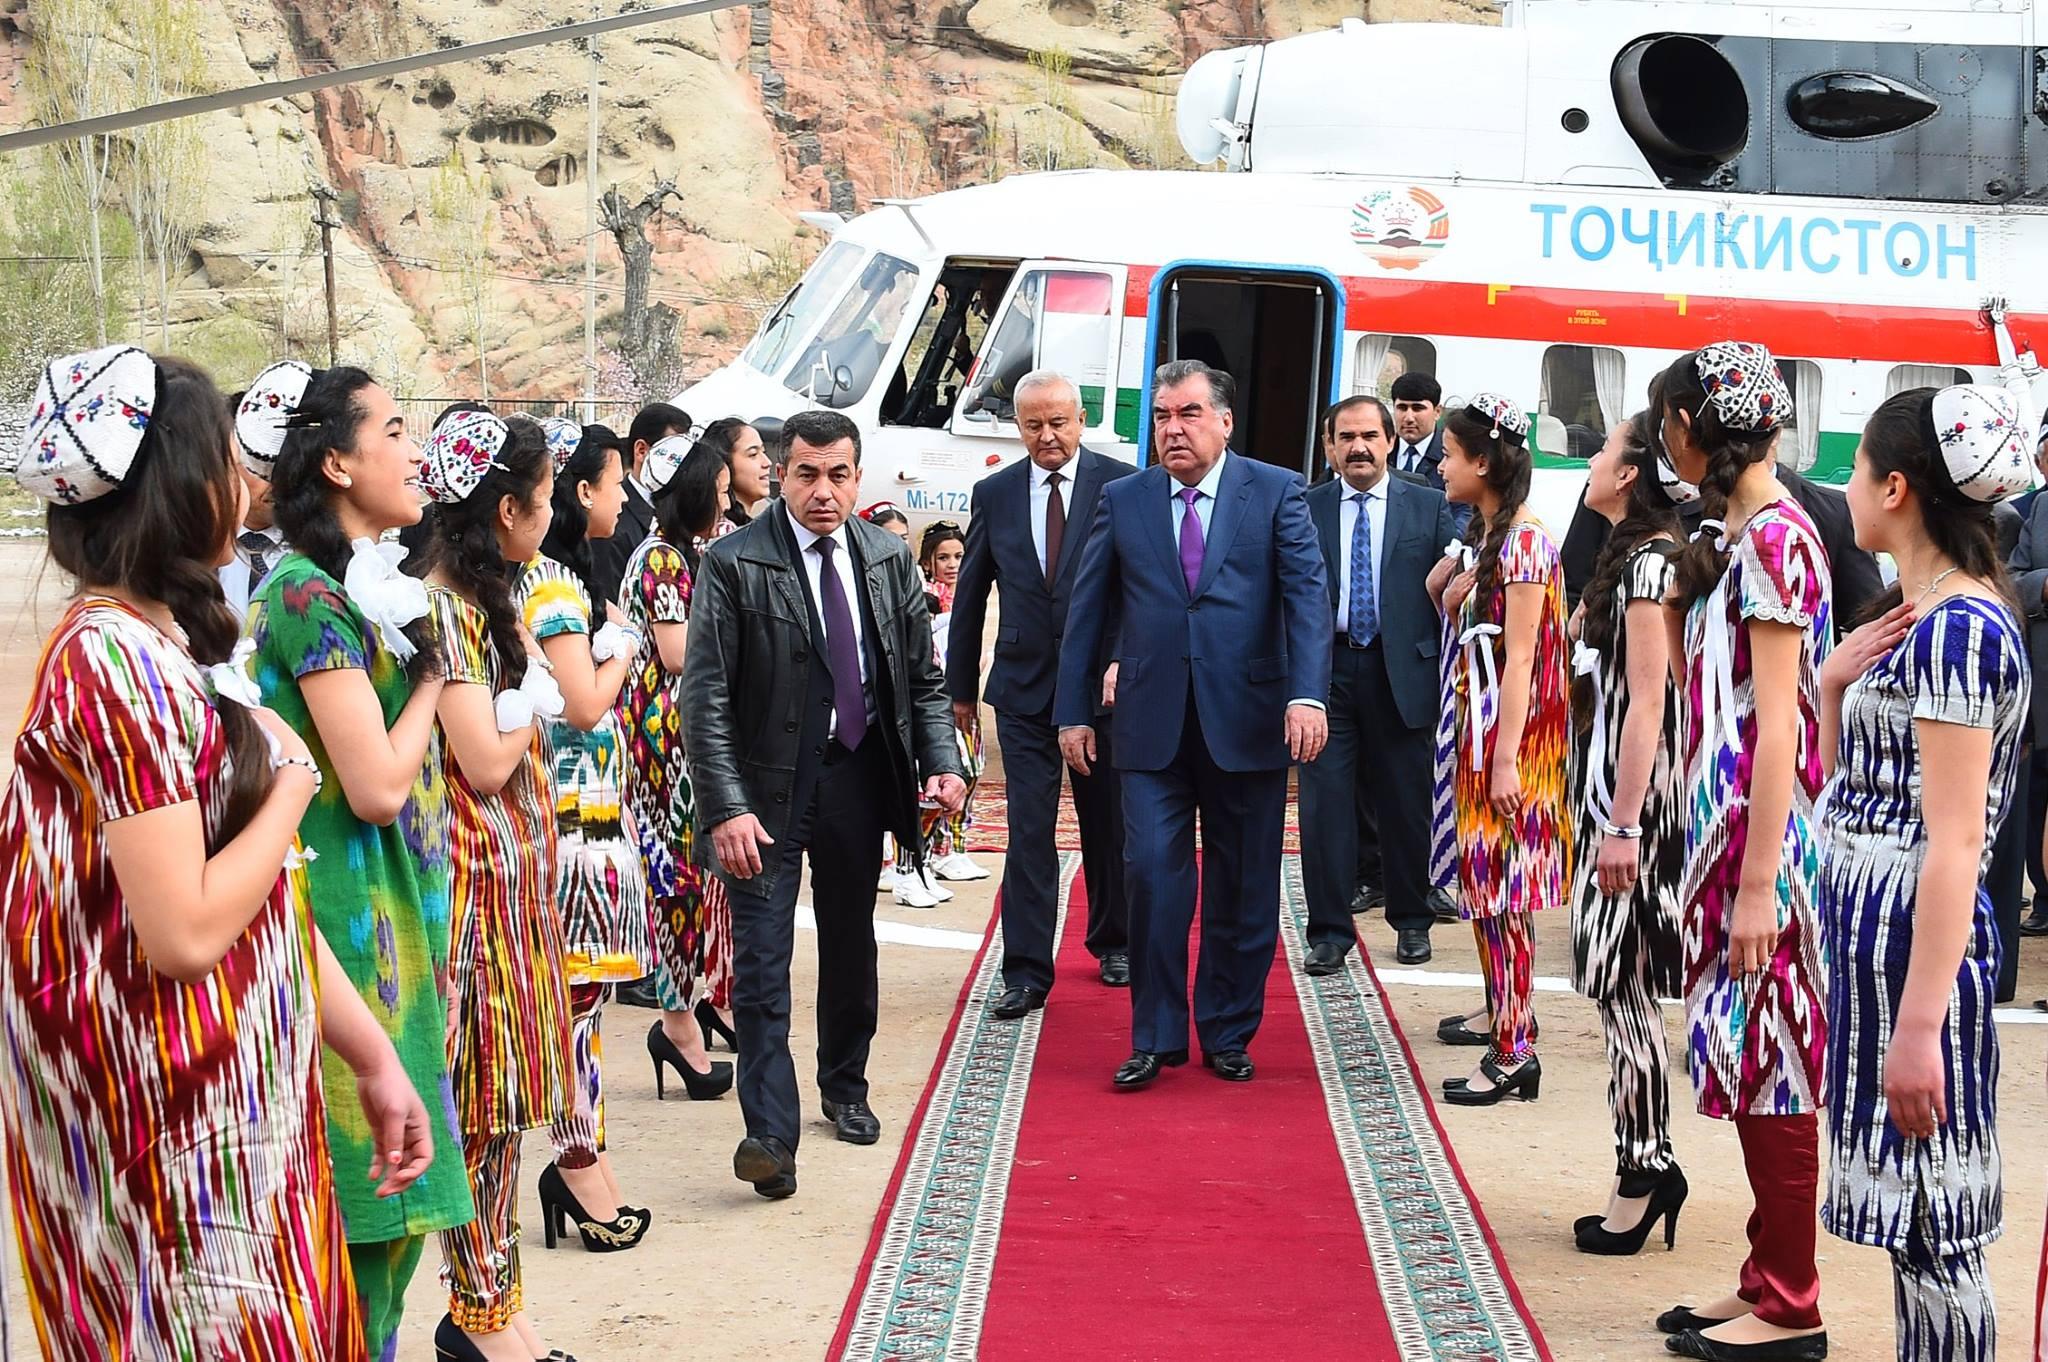 Le président du Tadjikistan, Emomali Rahmon, sortant de son hélicopter.